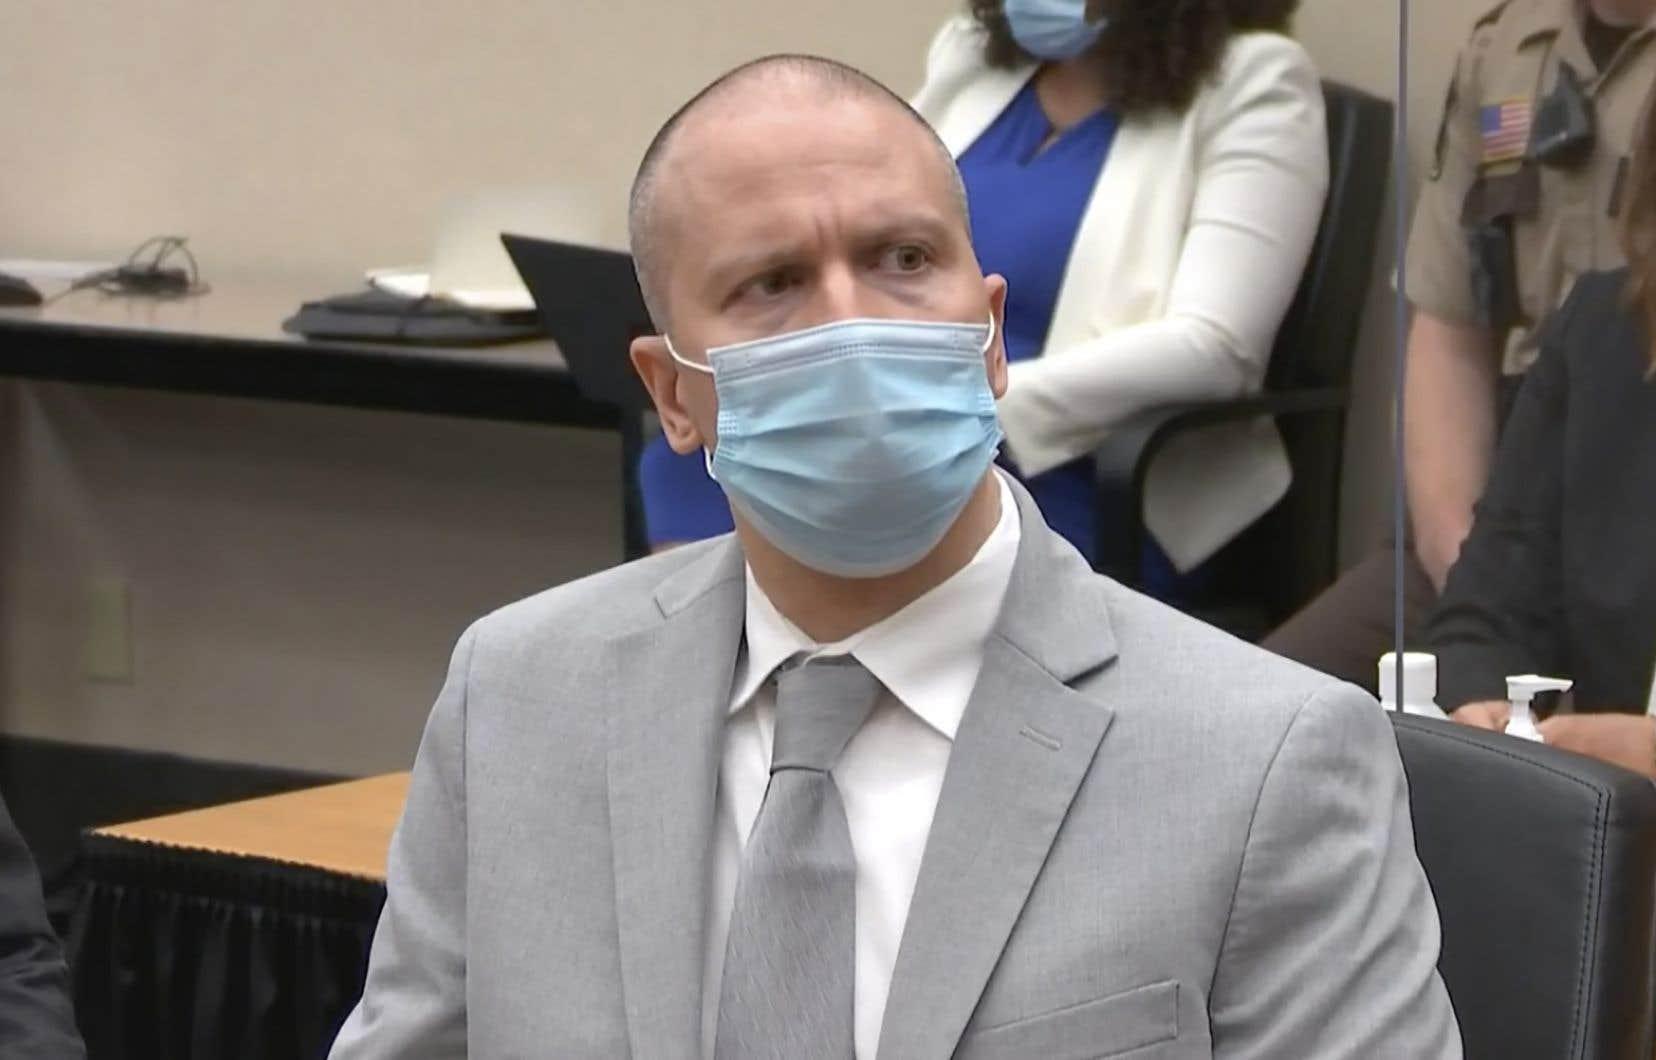 L'ex-policier purge déjà une peine de 22 ans et demi de prison pour le meurtre de George Floyd.